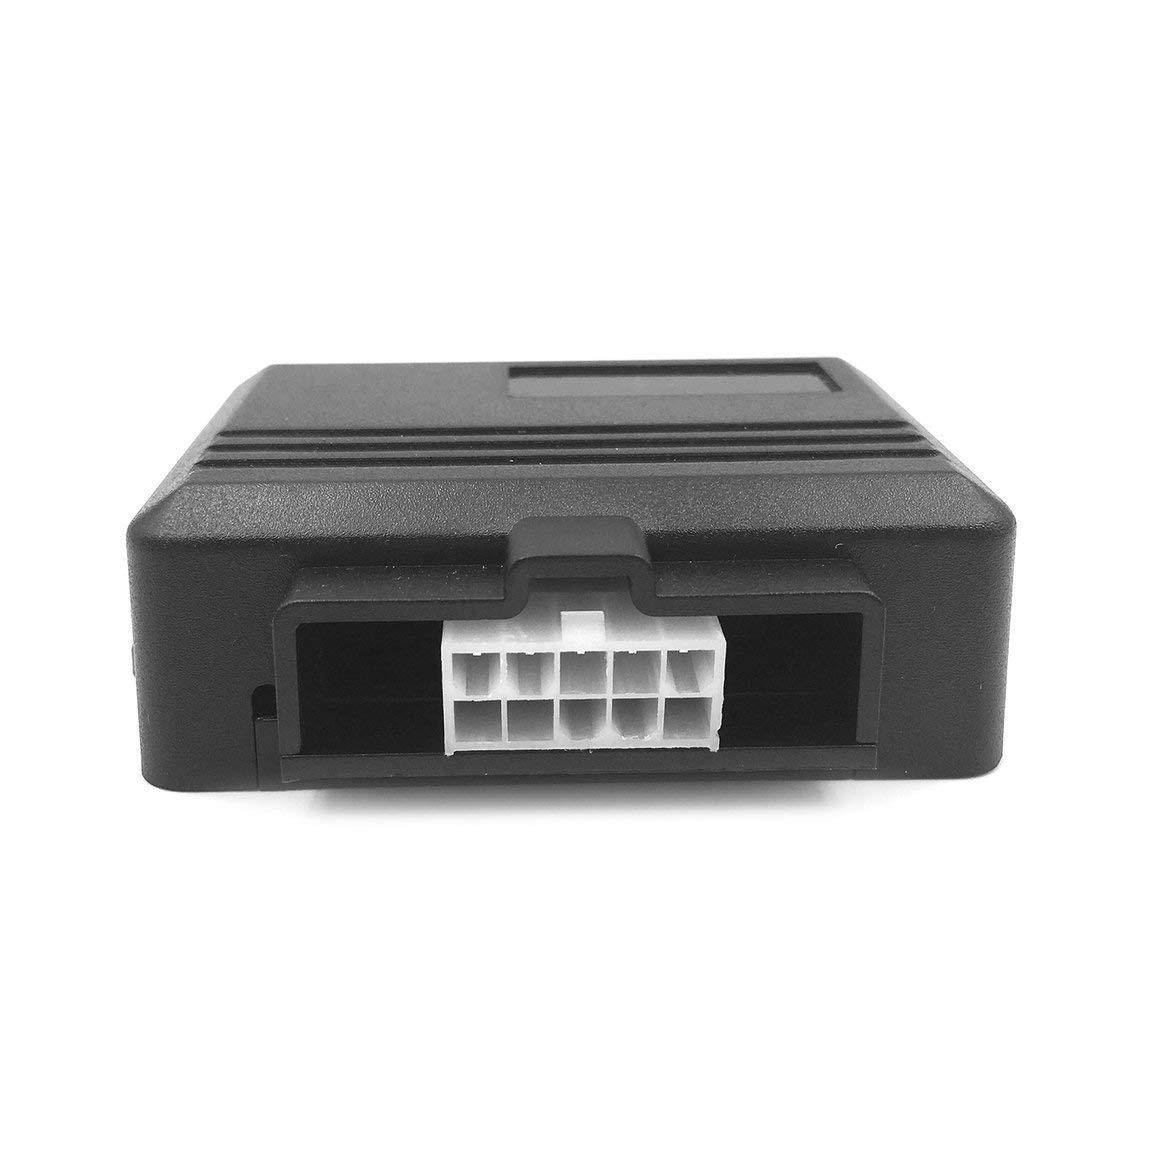 Mini-fen/être de Voiture Portable Closer de Levage Dispositif NQ-2W Universal 12V Voiture Fen/être Automatique Ascenseur pour Car Windows